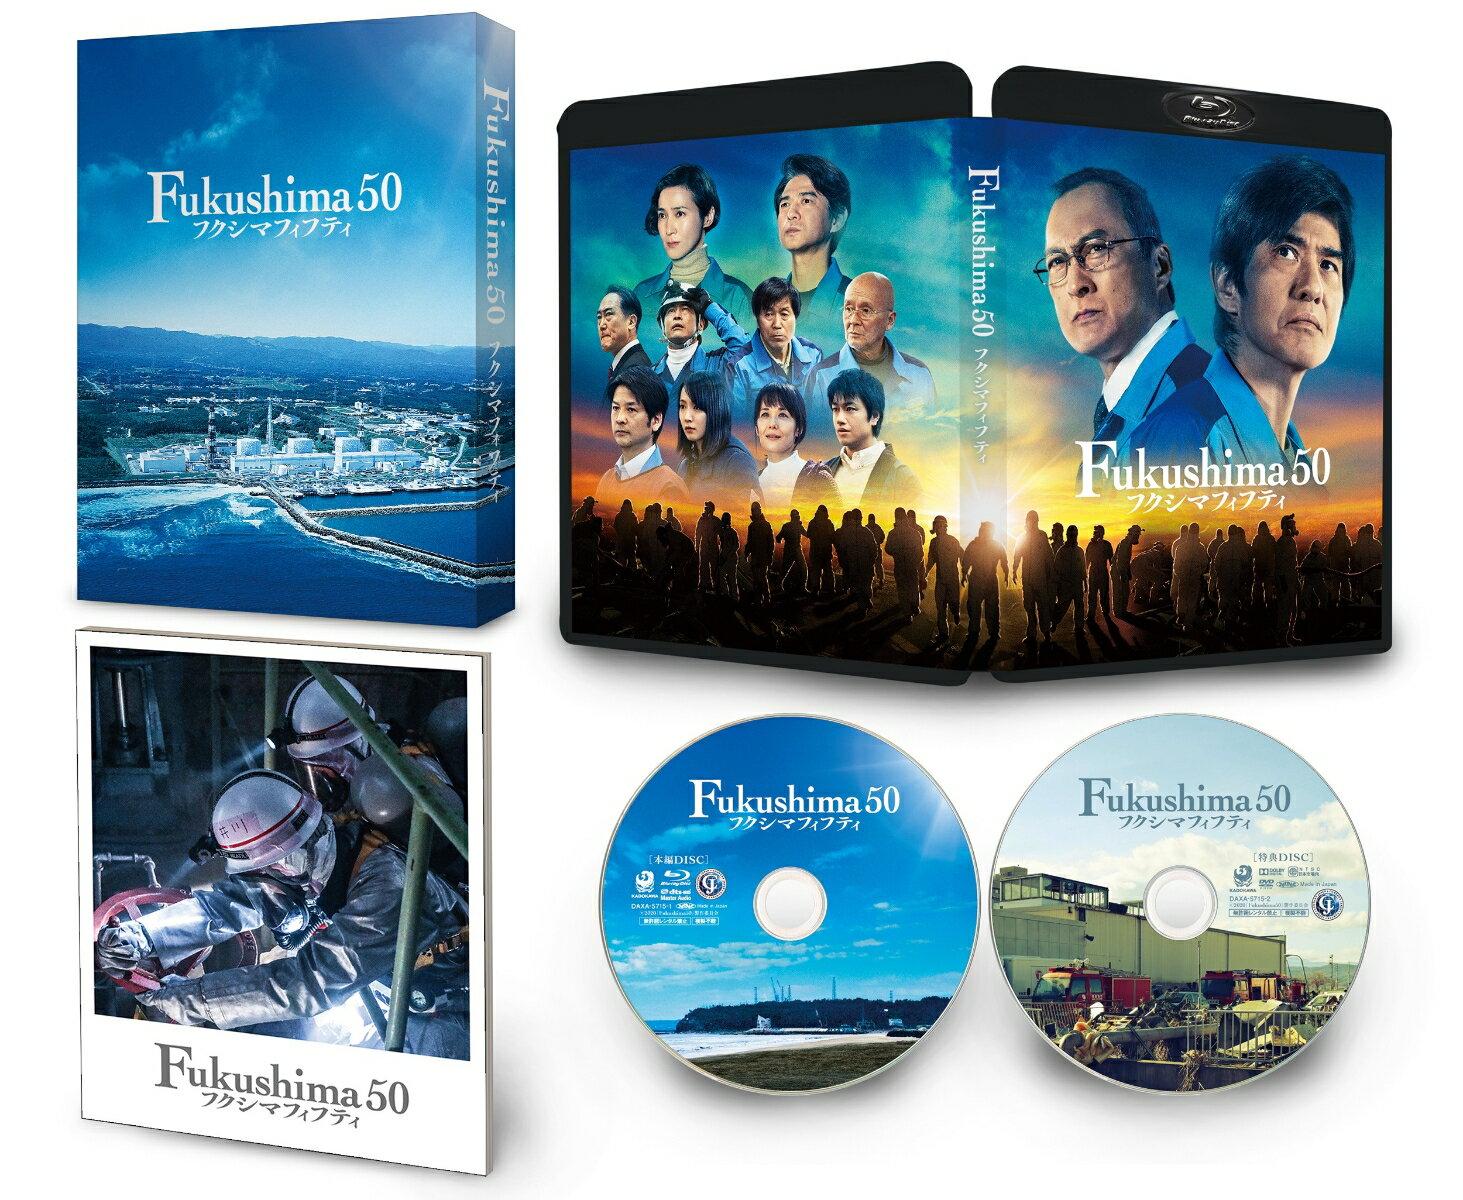 Fukushima 50 Blu-ray豪華版(特典DVD付)【Blu-ray】画像